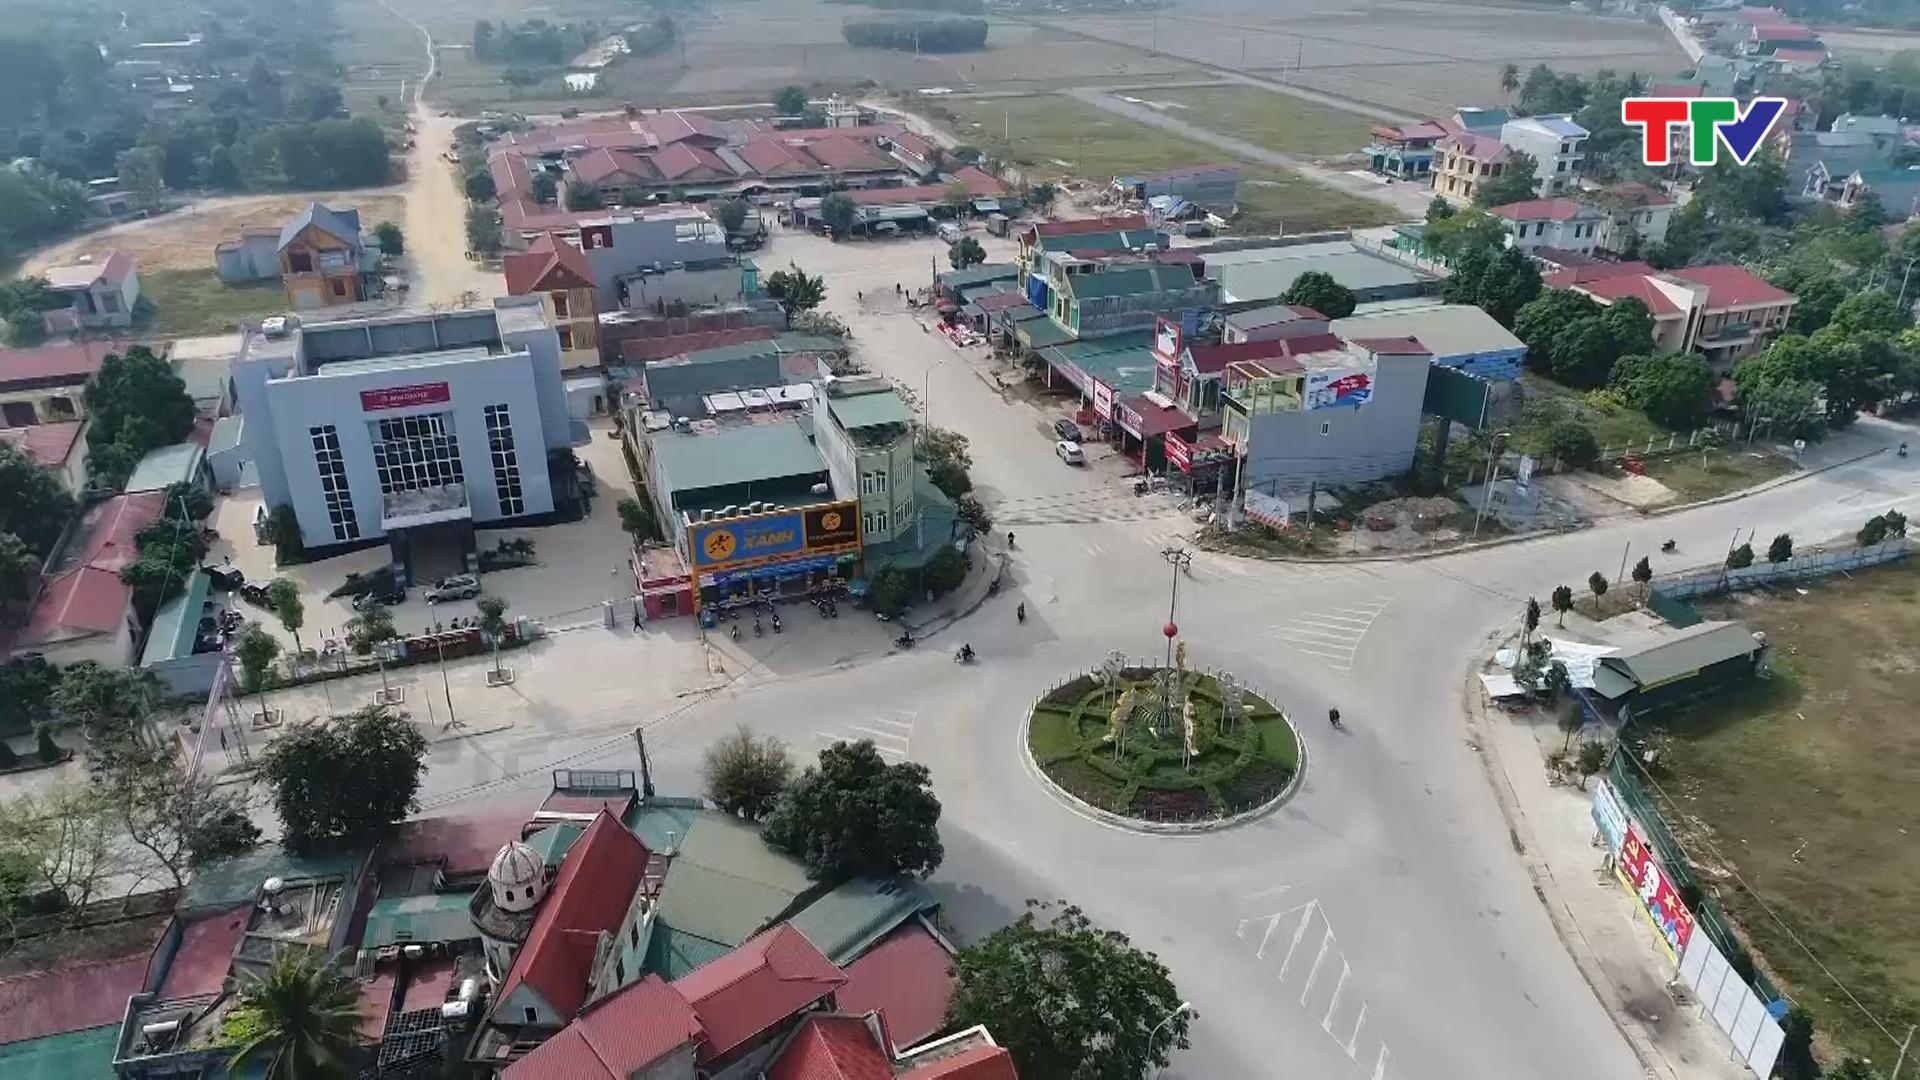 Thanh Hóa: Lập quy hoạch Khu đô thị nghỉ dưỡng sinh thái và giải trí cao cấp ở huyện Như Thanh - Ảnh 1.